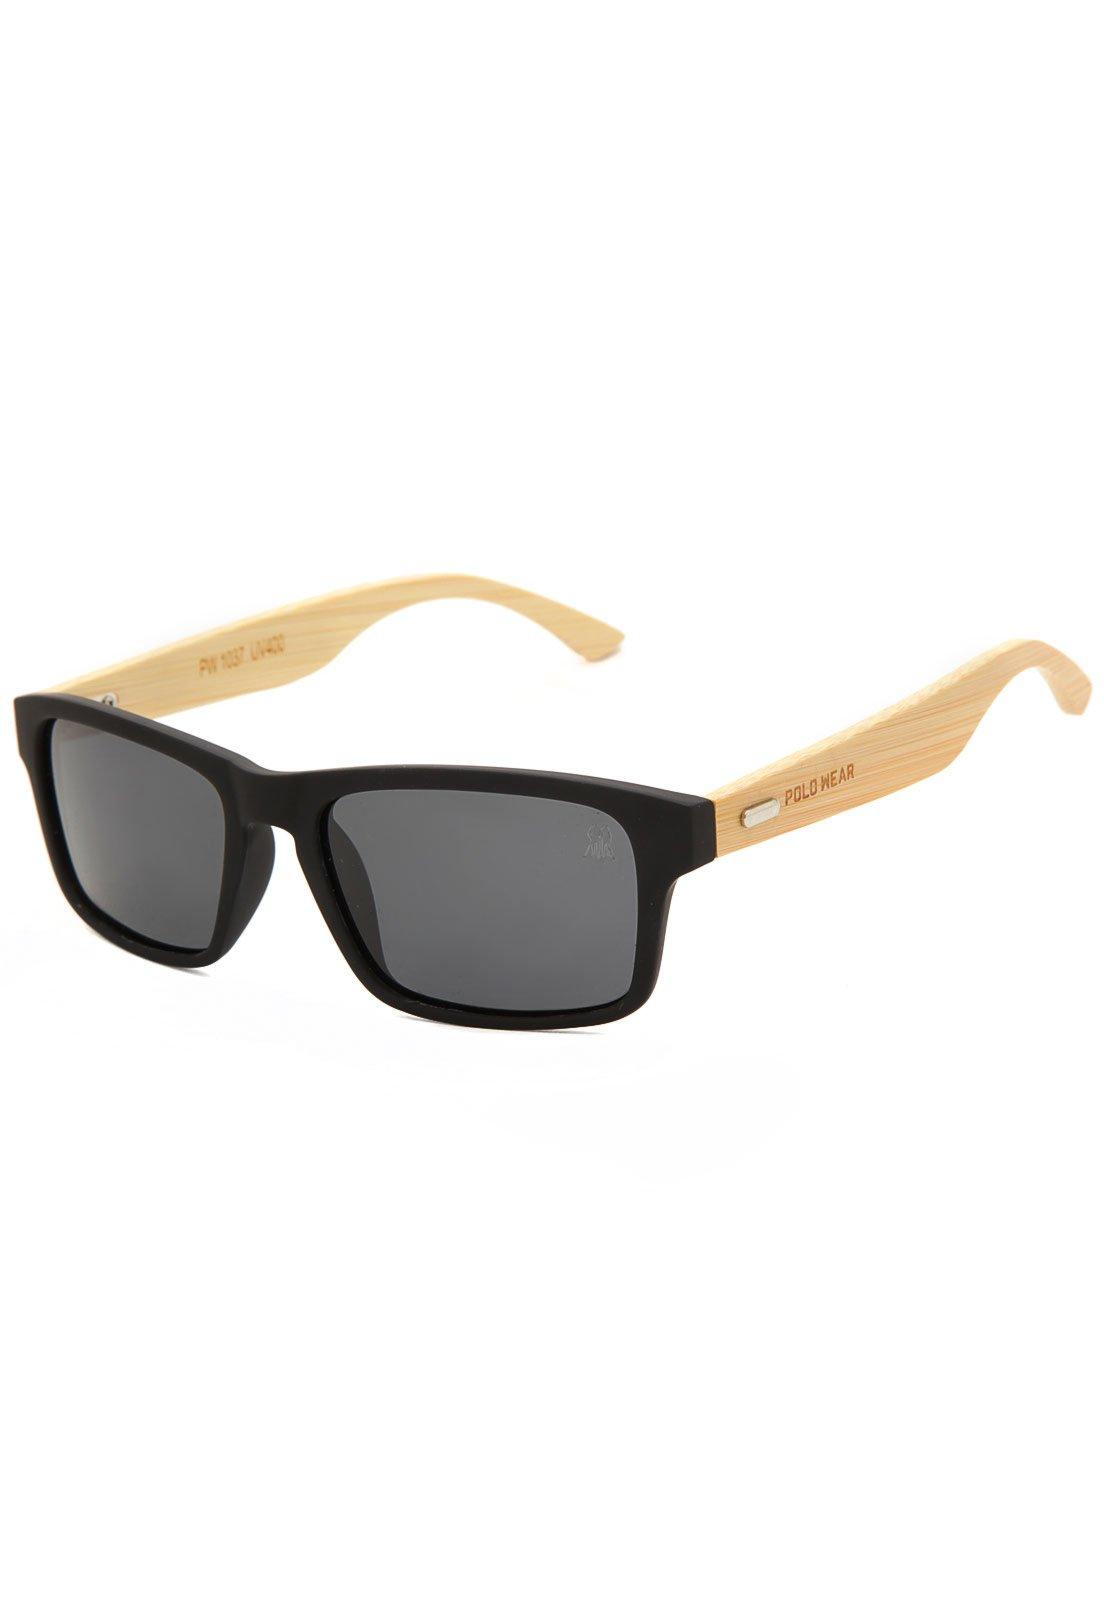 99a27fe4b Óculos de Sol Polo Wear Liso Preto - Compre Agora | Kanui Brasil